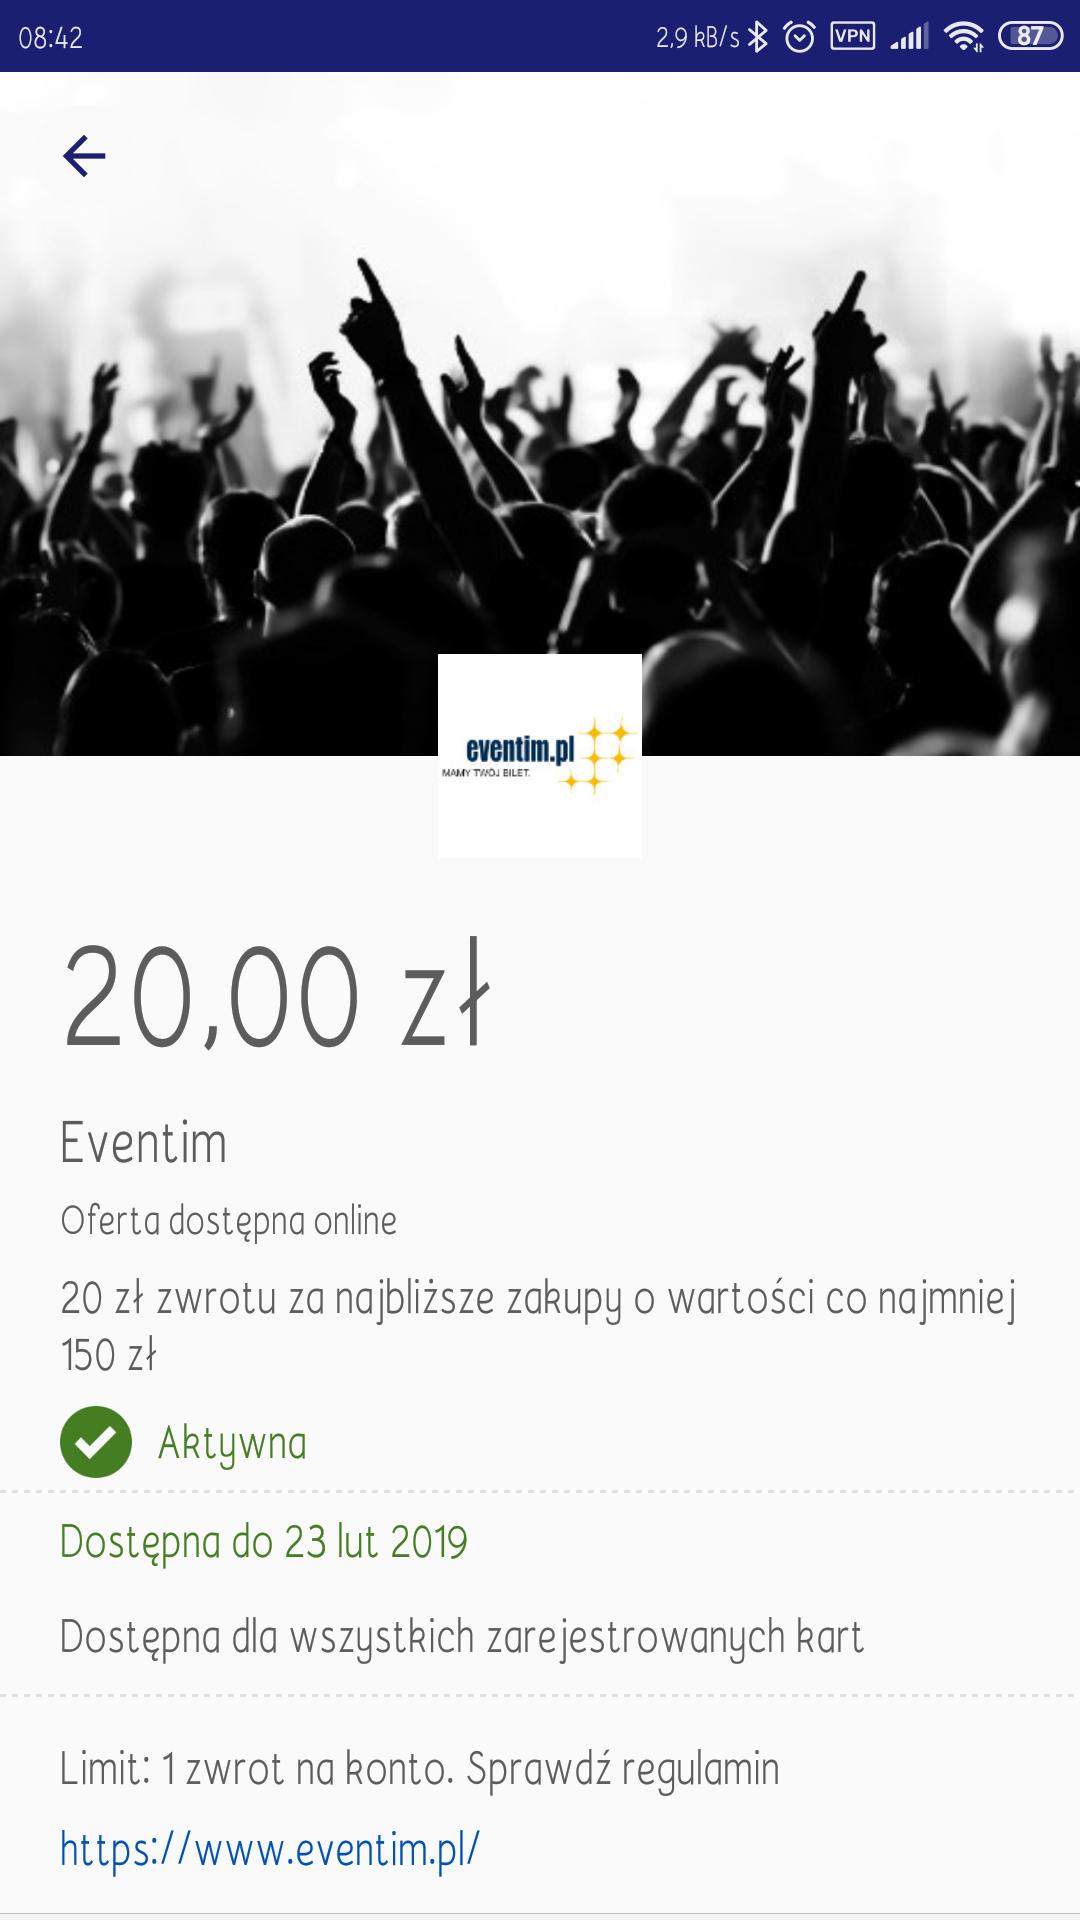 Visa oferty - Eventim 20 zł - zwrotu za najbliższe zakupy o wartości co najmniej 150 zł